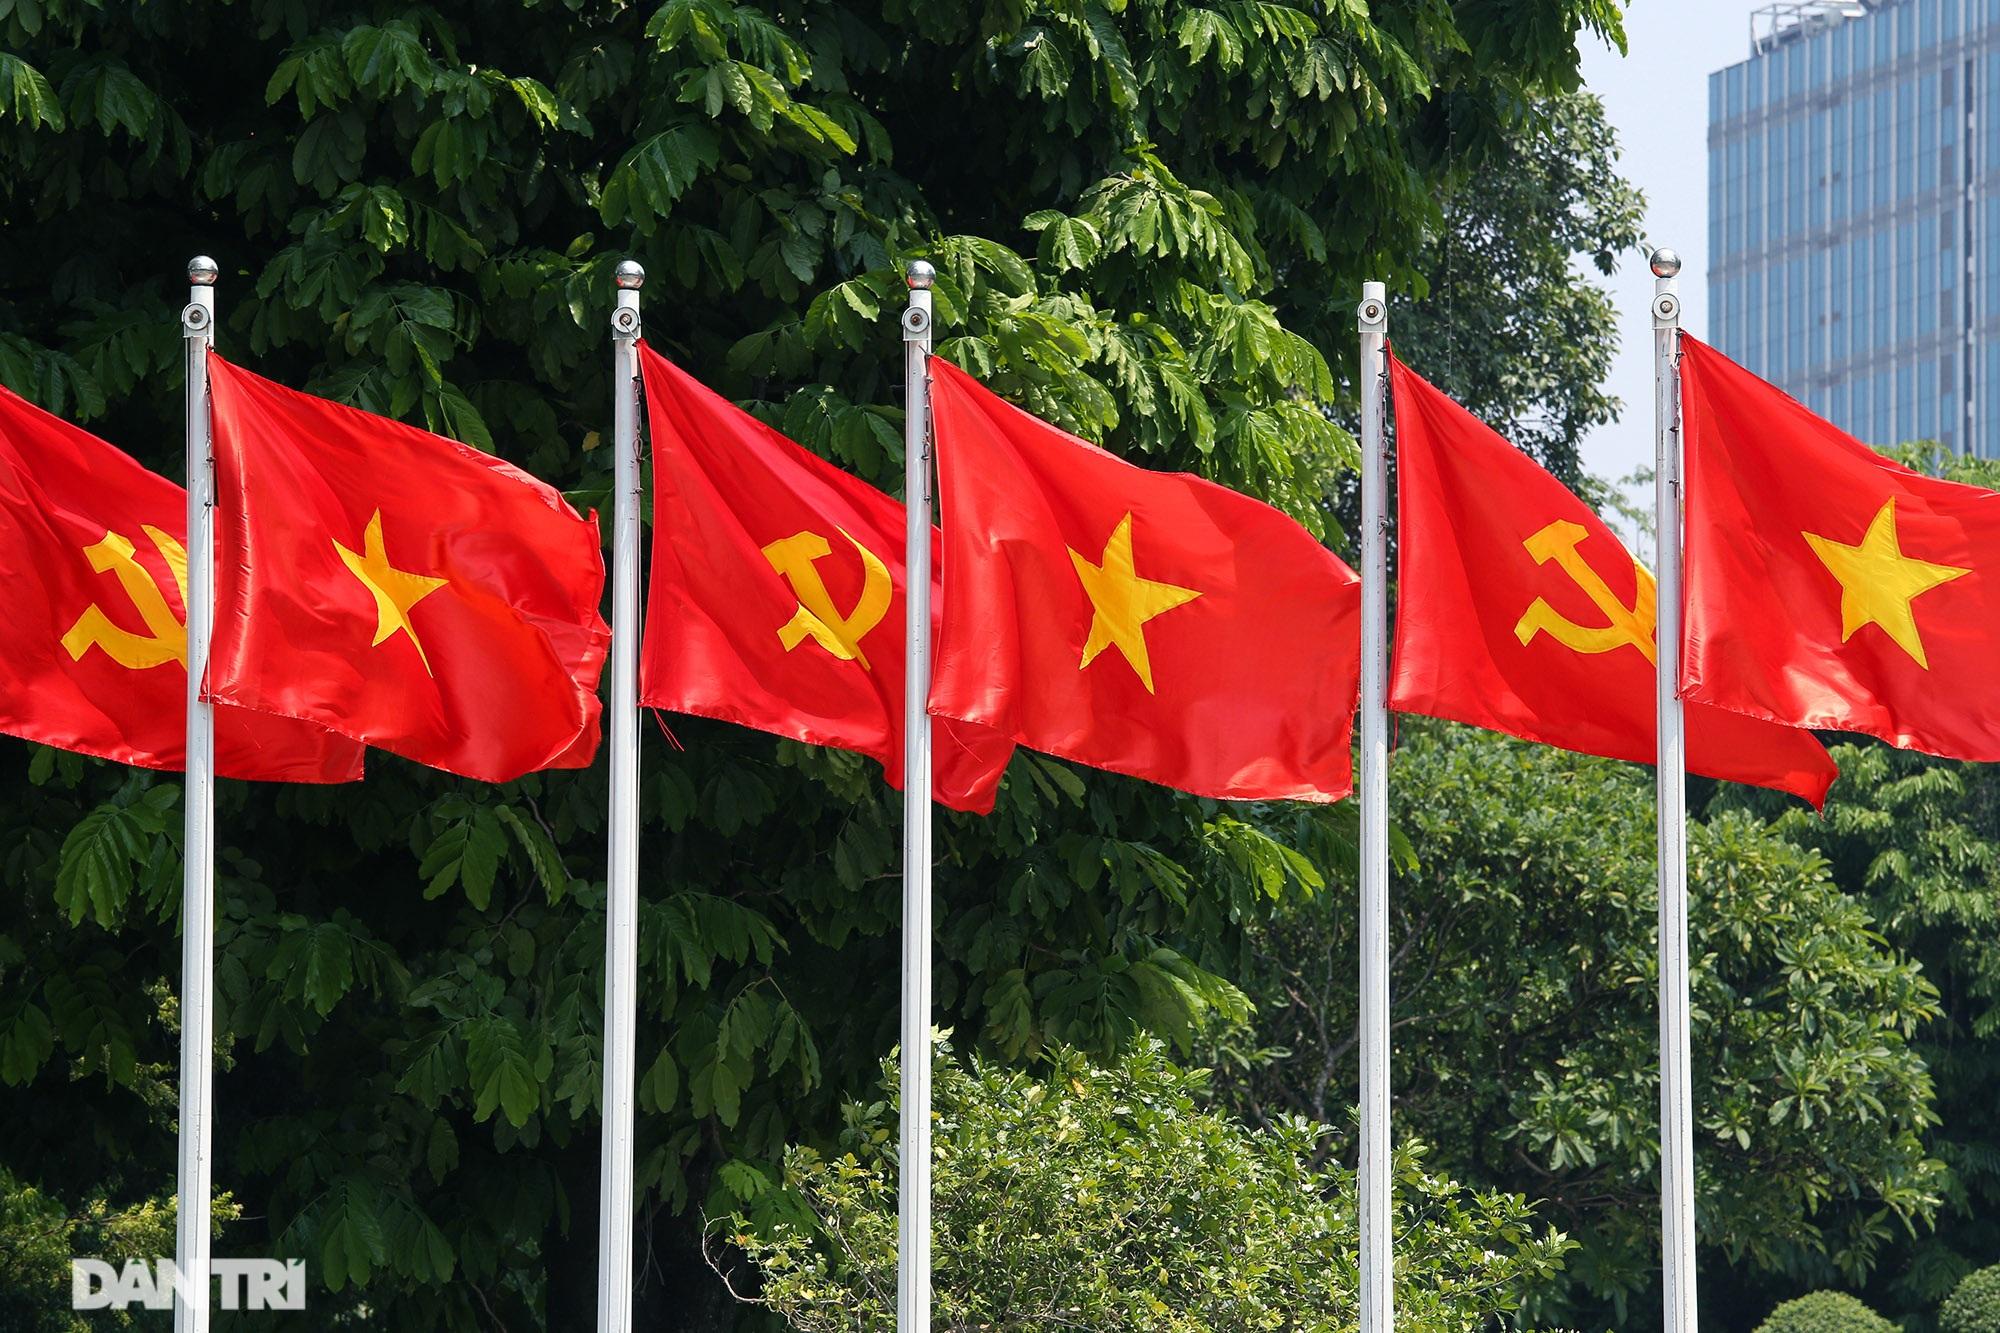 Hà Nội: Cờ Tổ quốc đỏ rực khắp phố phường mừng ngày Quốc Khánh - 3